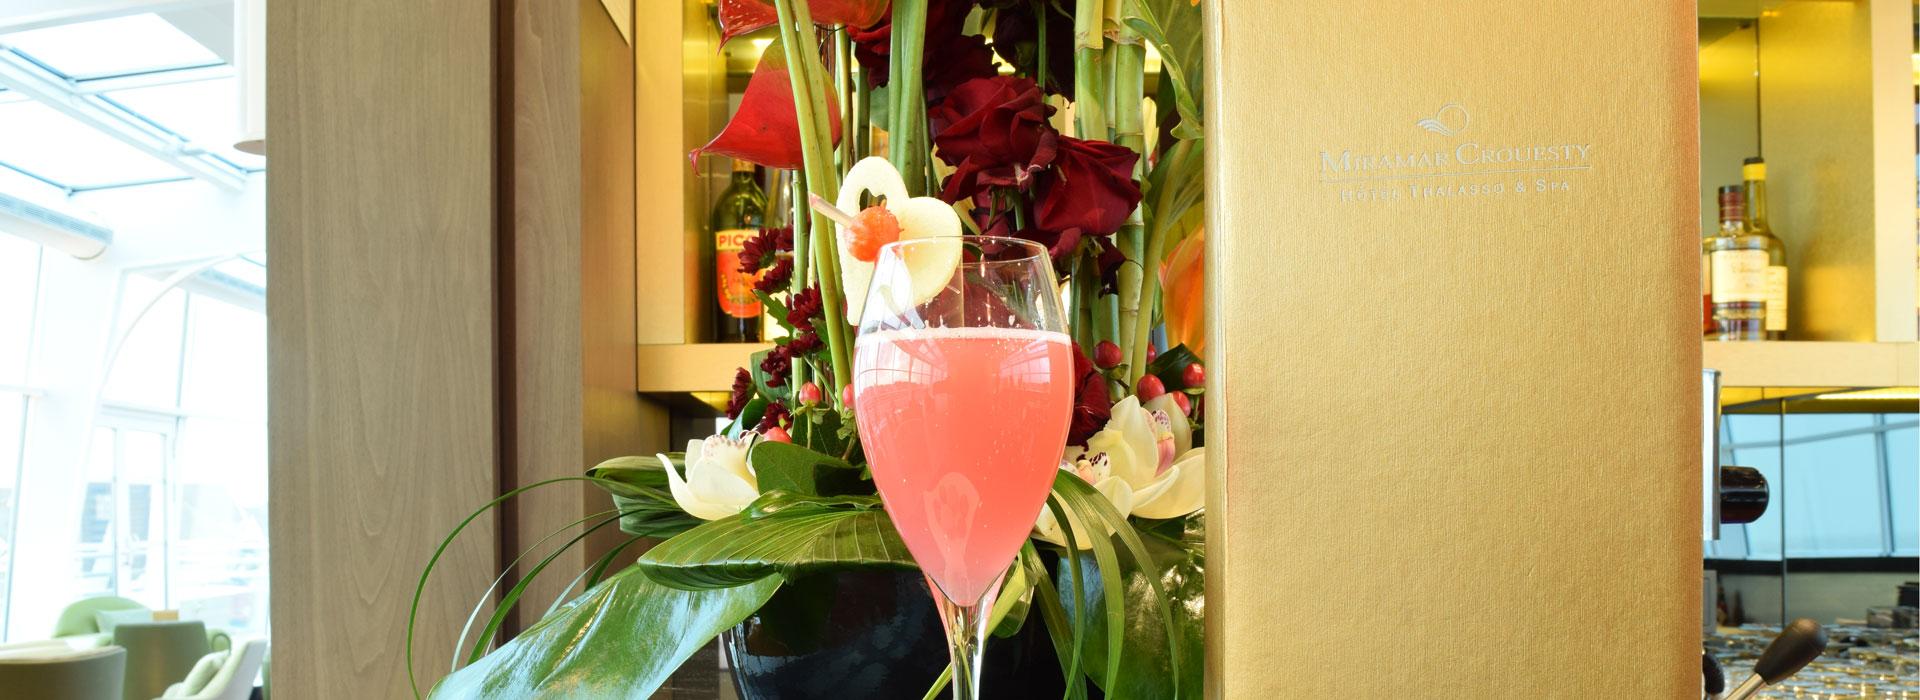 Le cocktail de la Saint-Valentin au Miramar Crouesty